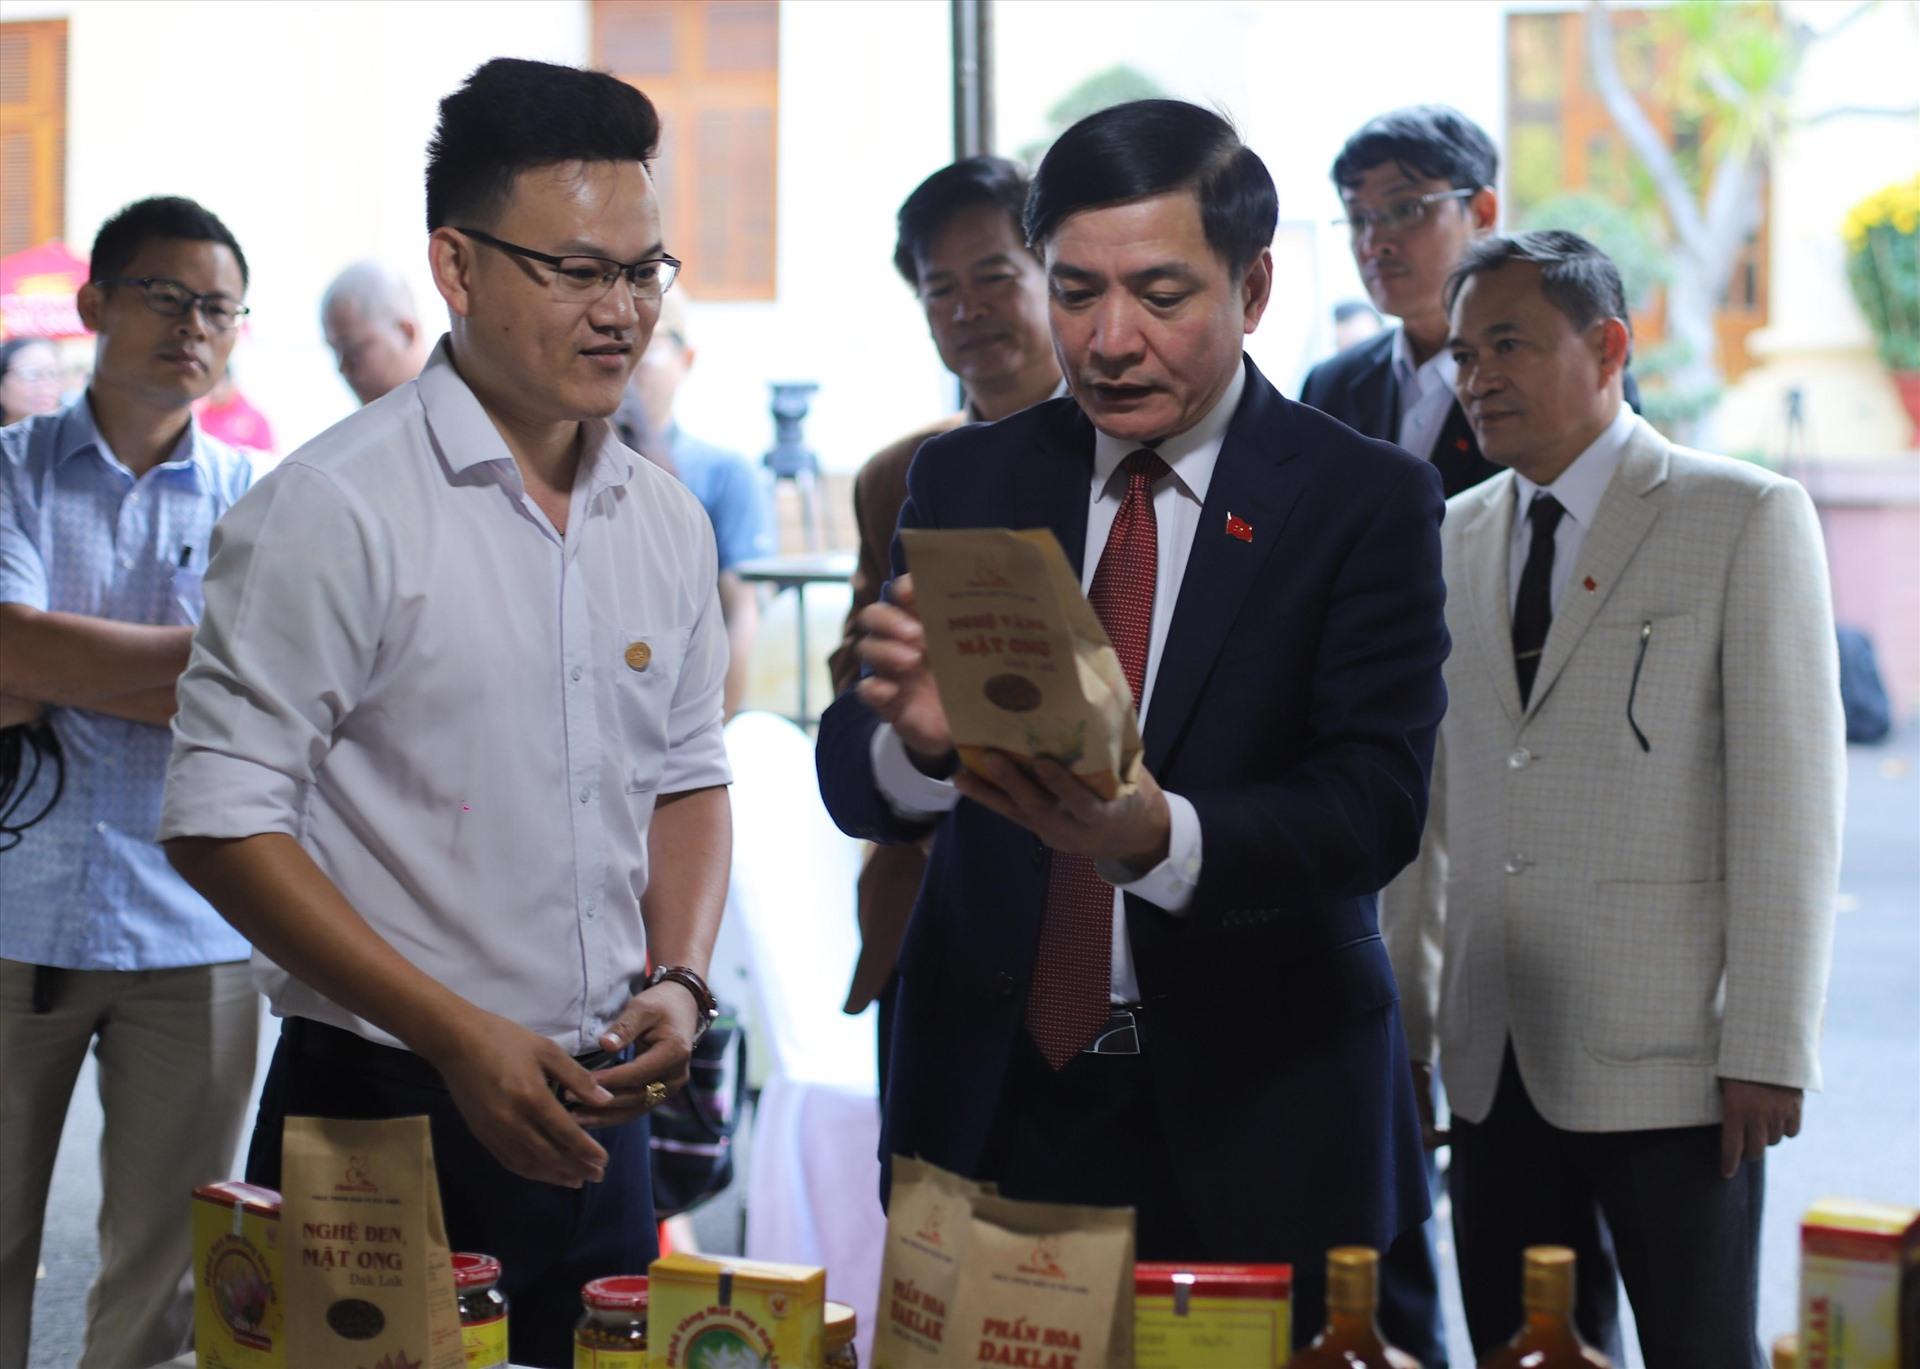 """Tuyên truyền, hưởng ứng và tham gia Cuộc vận động """"Hiến kế xây dựng và phát triển tỉnh Đắk Lắk giàu đẹp, văn minh""""."""